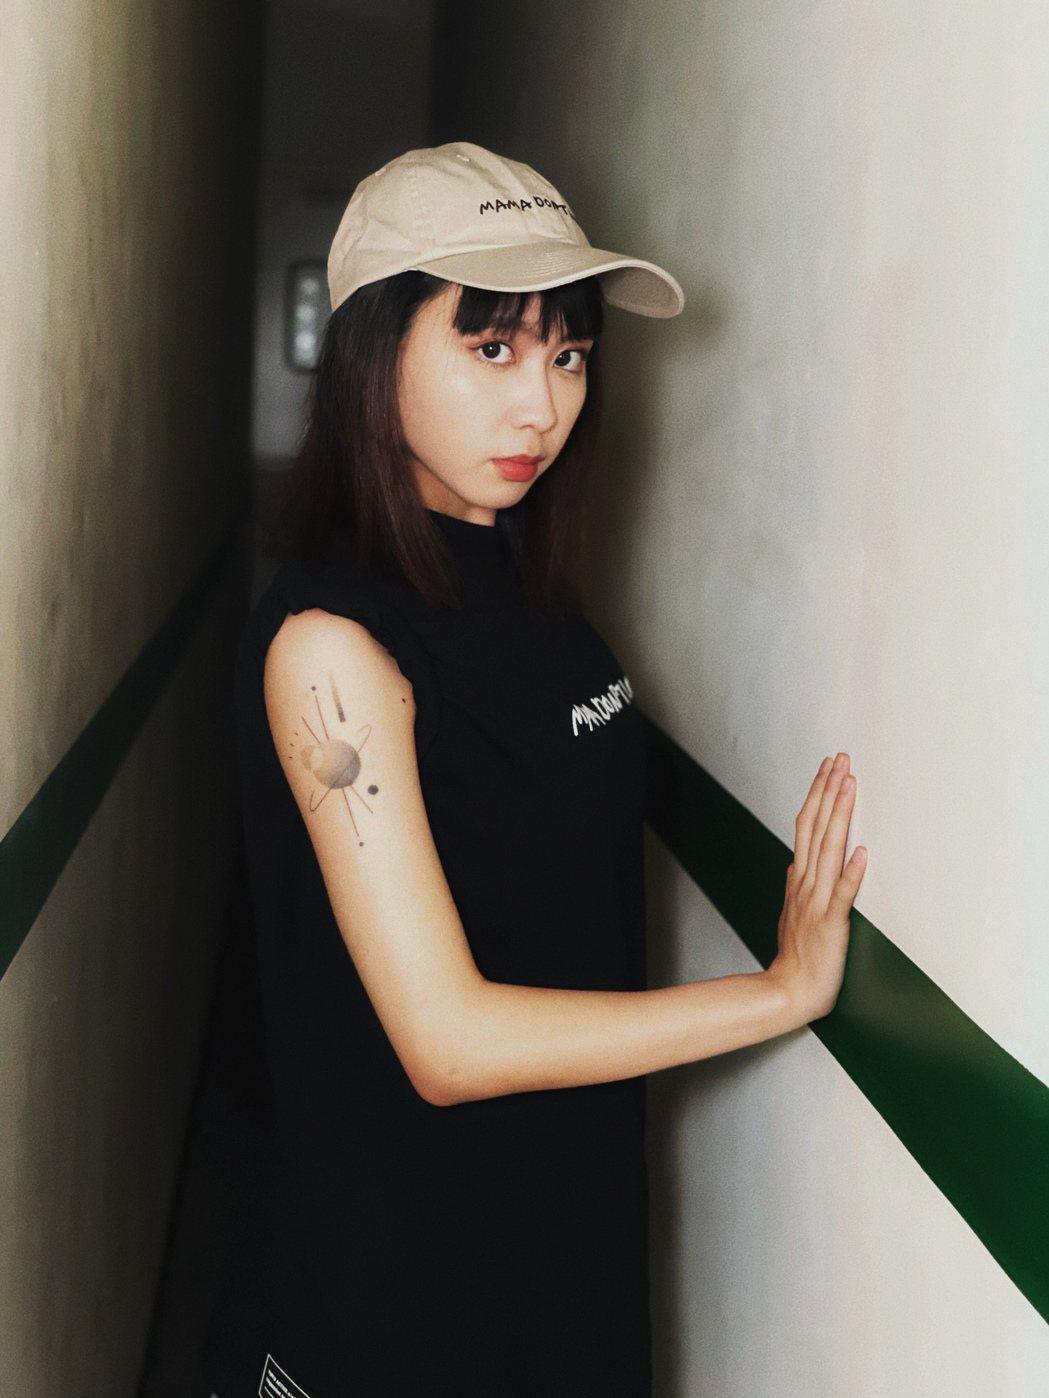 李芷婷花半年設計個人專屬刺青圖案。圖/YUYU ACTIVE提供